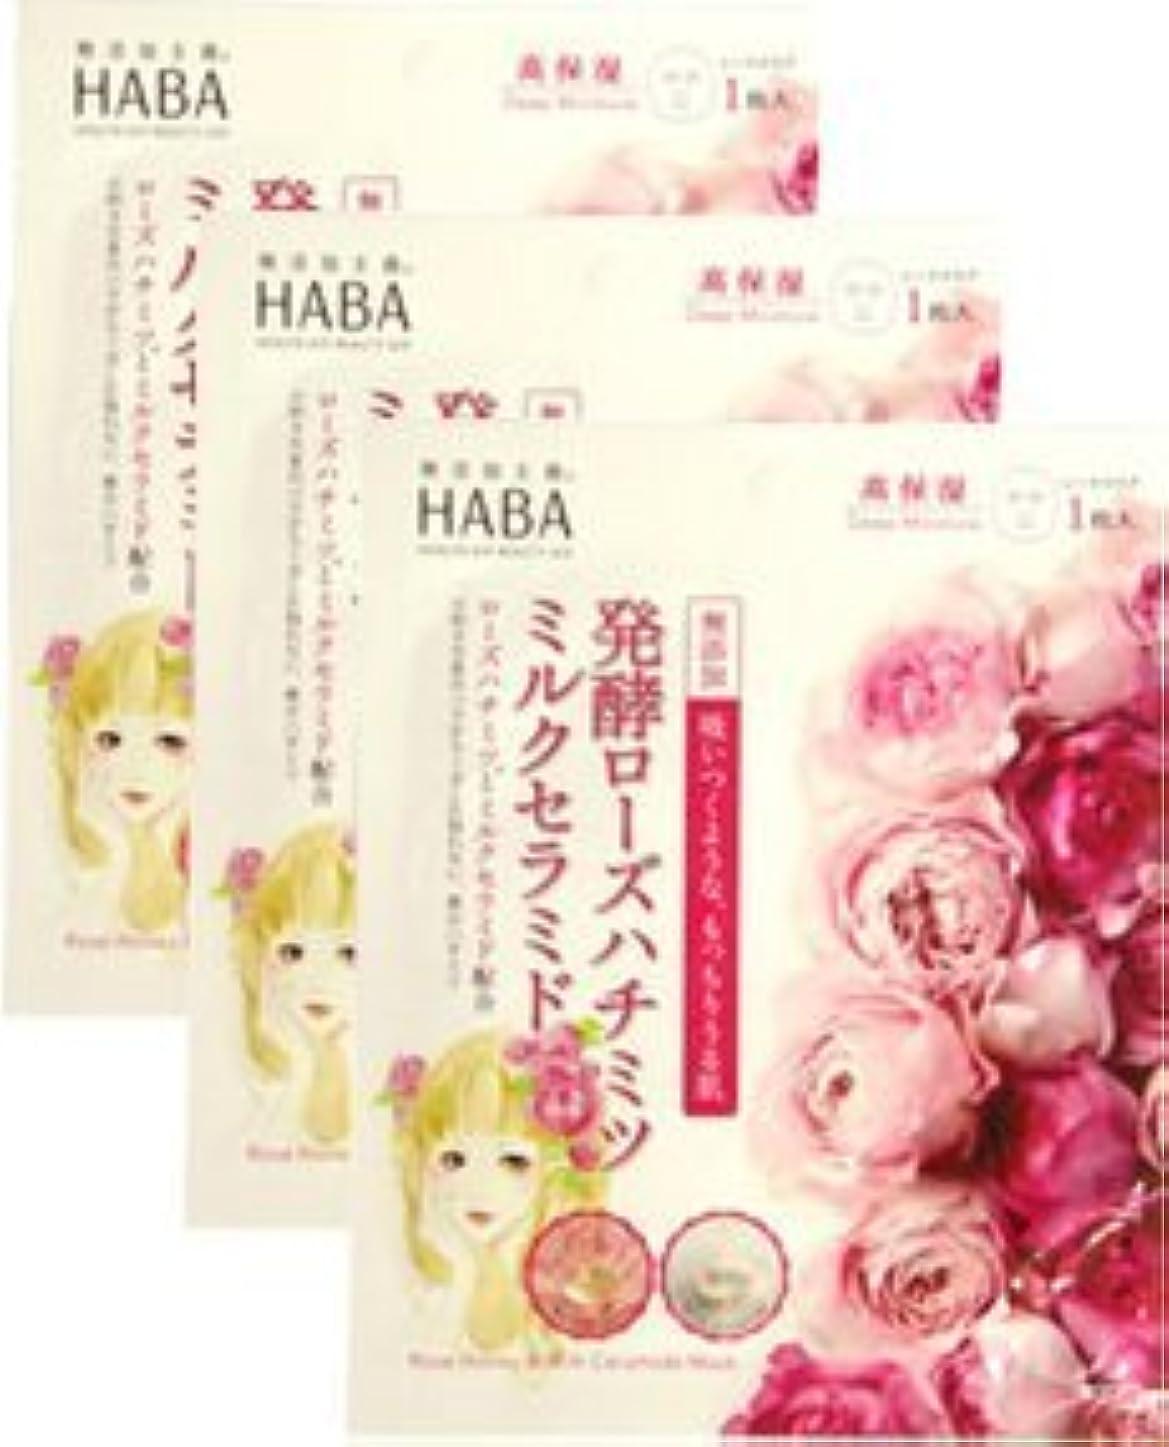 かみそり解明する展開するHABA 発酵ローズハチミツ ミルクセラミドマスク 5包入り(箱入) 3個セット